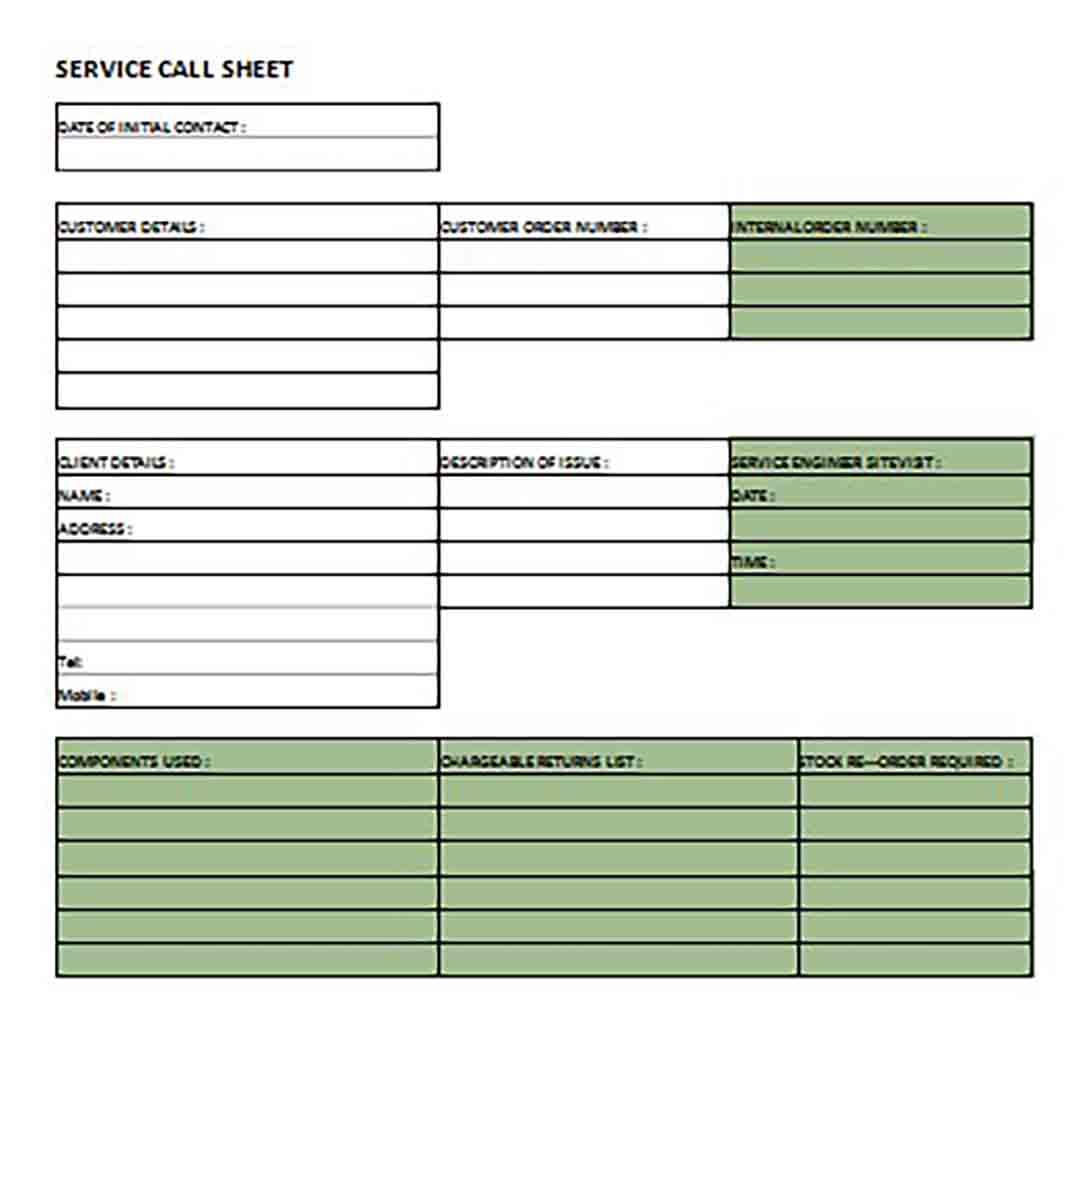 Service Call Sheet